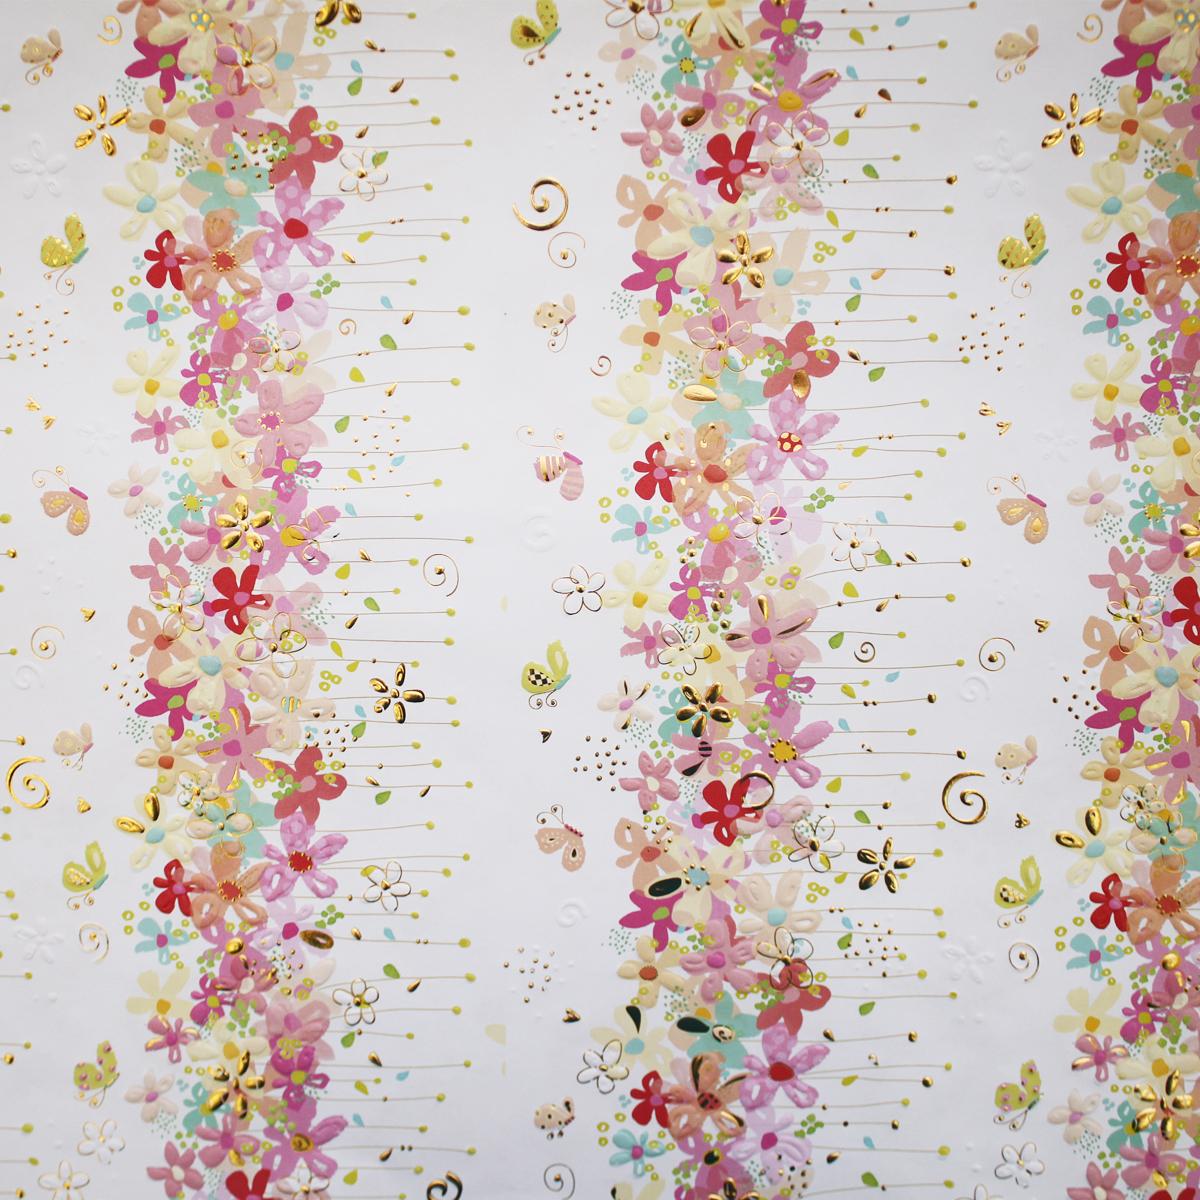 Бумага для скрапбукинга Renkalik Turnowsky. Цветочки, 50 х 70 смKOC_GIR288LEDBALL_RБумага Renkalik, оформленная красочными изображениями, поможет вам начать творческий путь в скрапбукинге. Эта бумага хорошо подойдет для оформления фона, создания открыток, поделок и многого другого. Скрапбукинг - это хобби, которое способно приносить массу приятных эмоций не только человеку, который этим занимается, но и его близким, друзьям, родным. Это невероятно увлекательное занятие, которое поможет вам сохранить наиболее памятные и яркие моменты вашей жизни, а также интересно оформить интерьер дома.